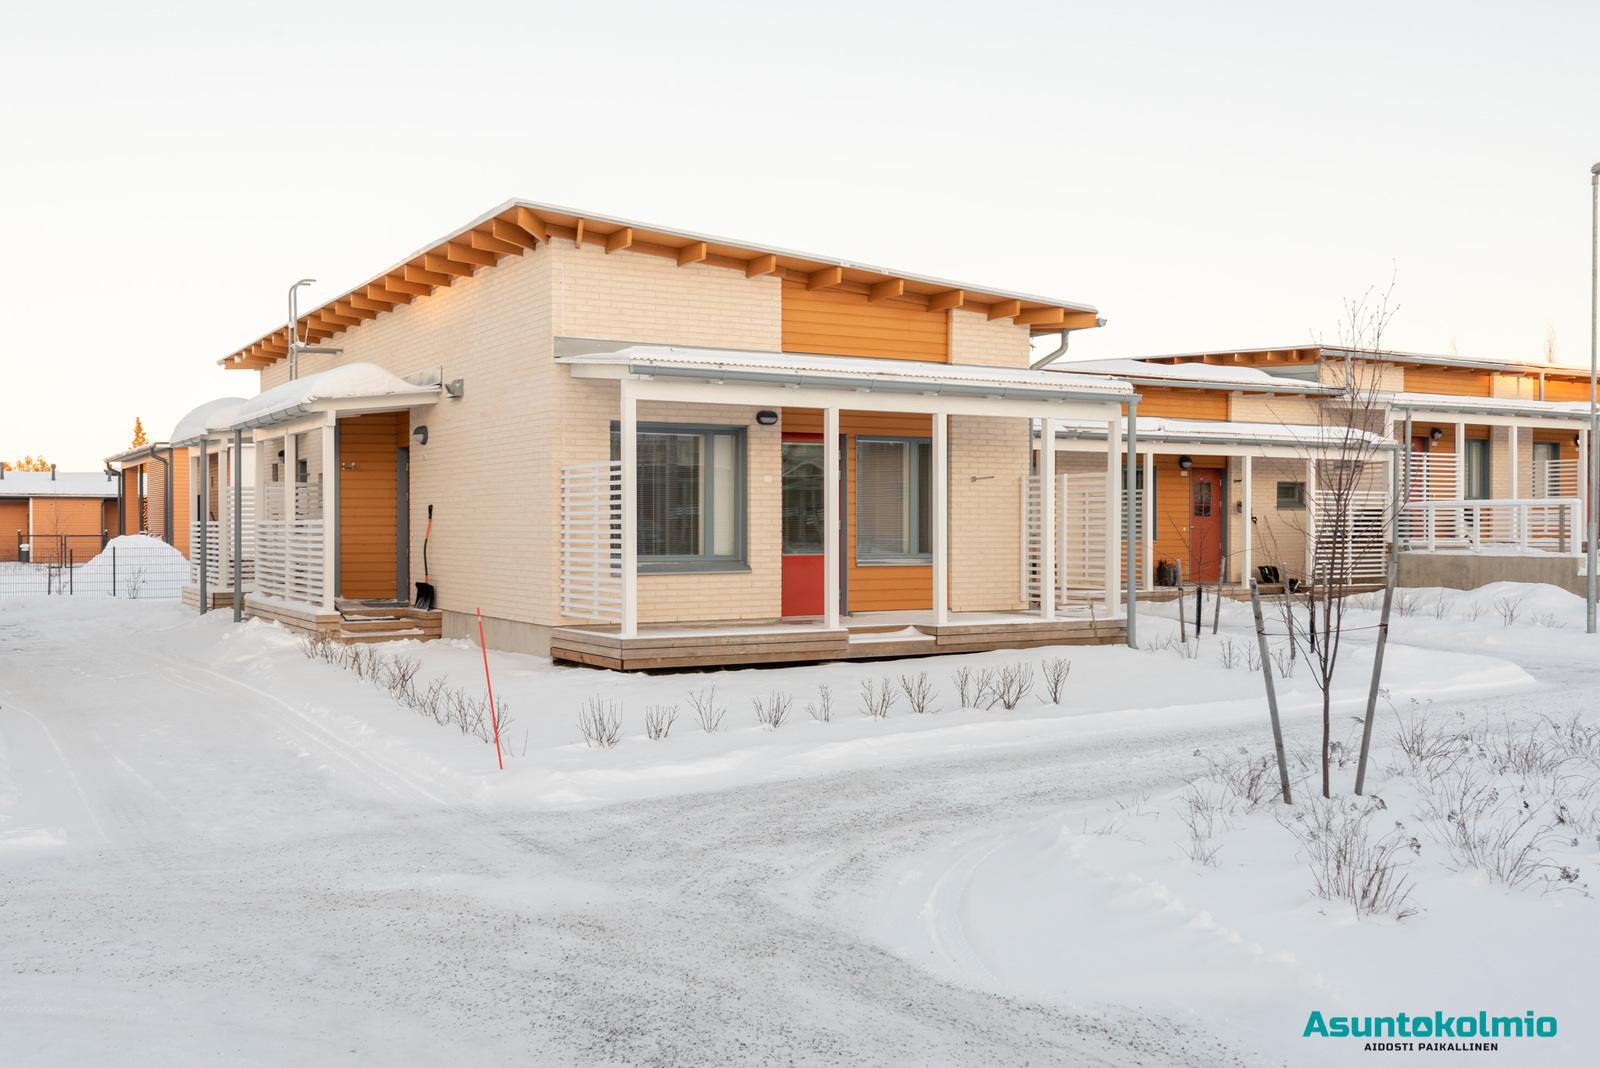 Katsastusasemat Oulu